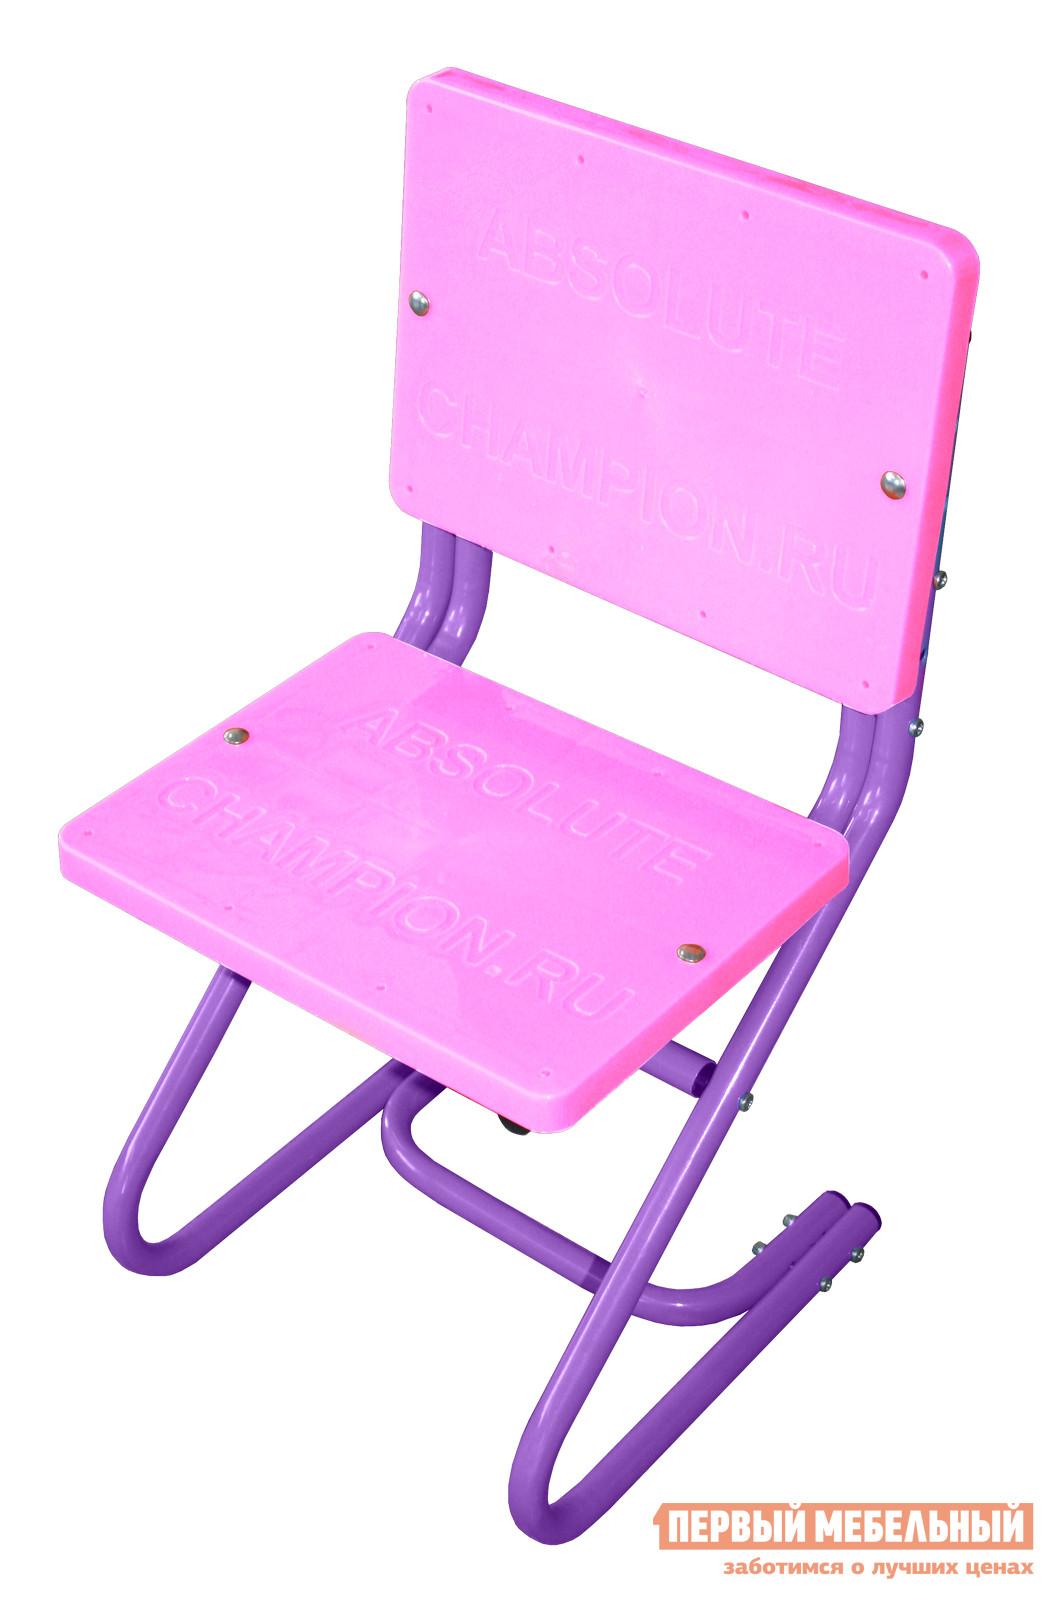 Стул AbsoluteChampion Стул ученический (Розово-фиолетовый) Розово-фиолетовый